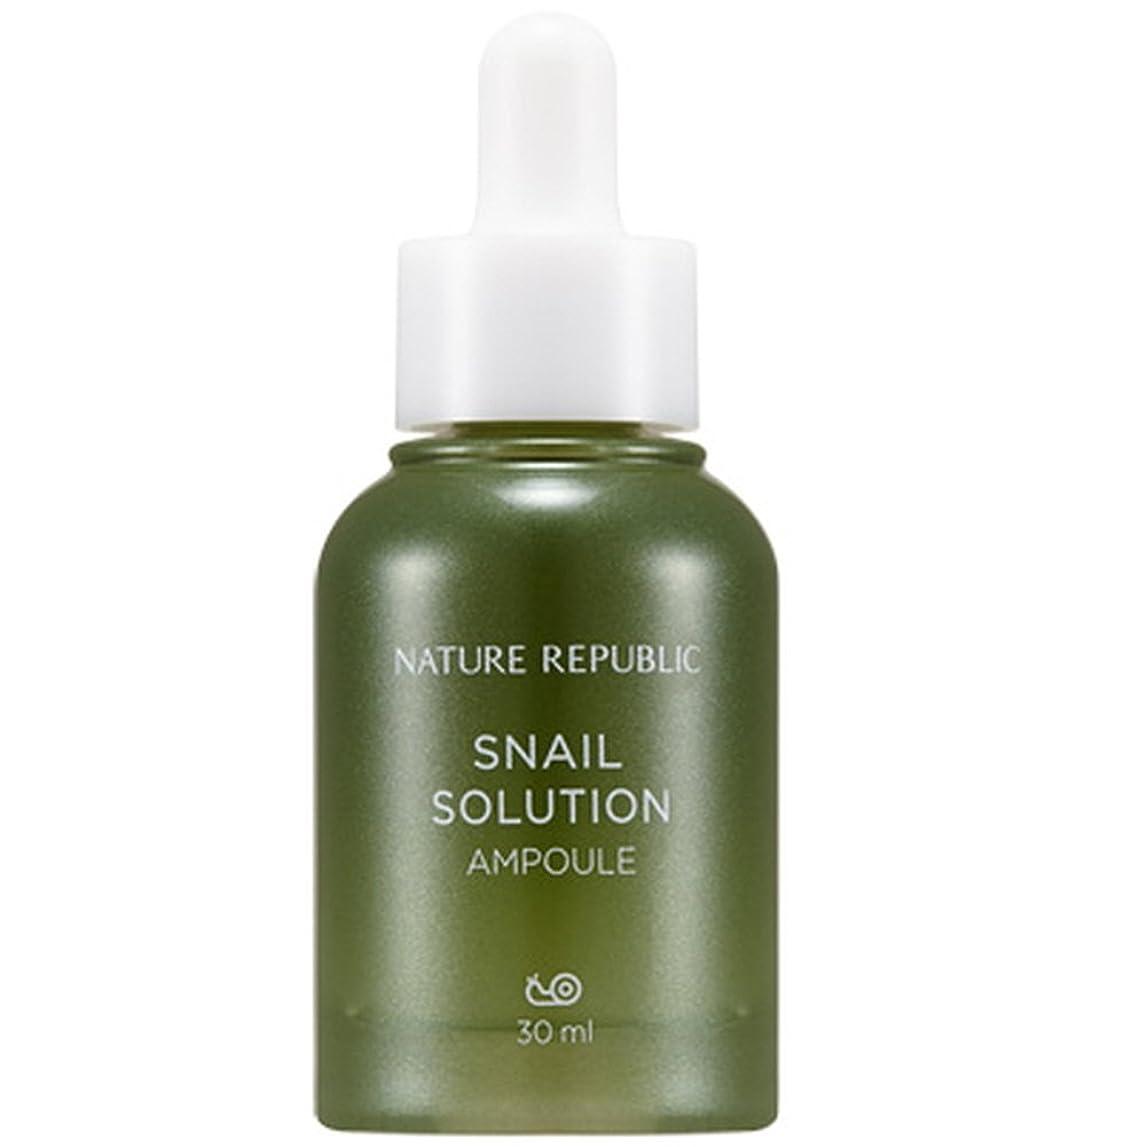 眠りペア逸話NATURE REPUBLIC Snail Solution AMPOULE ネイチャーリパブリック ネイチャーリパブリックカタツムリソリューション アンプル